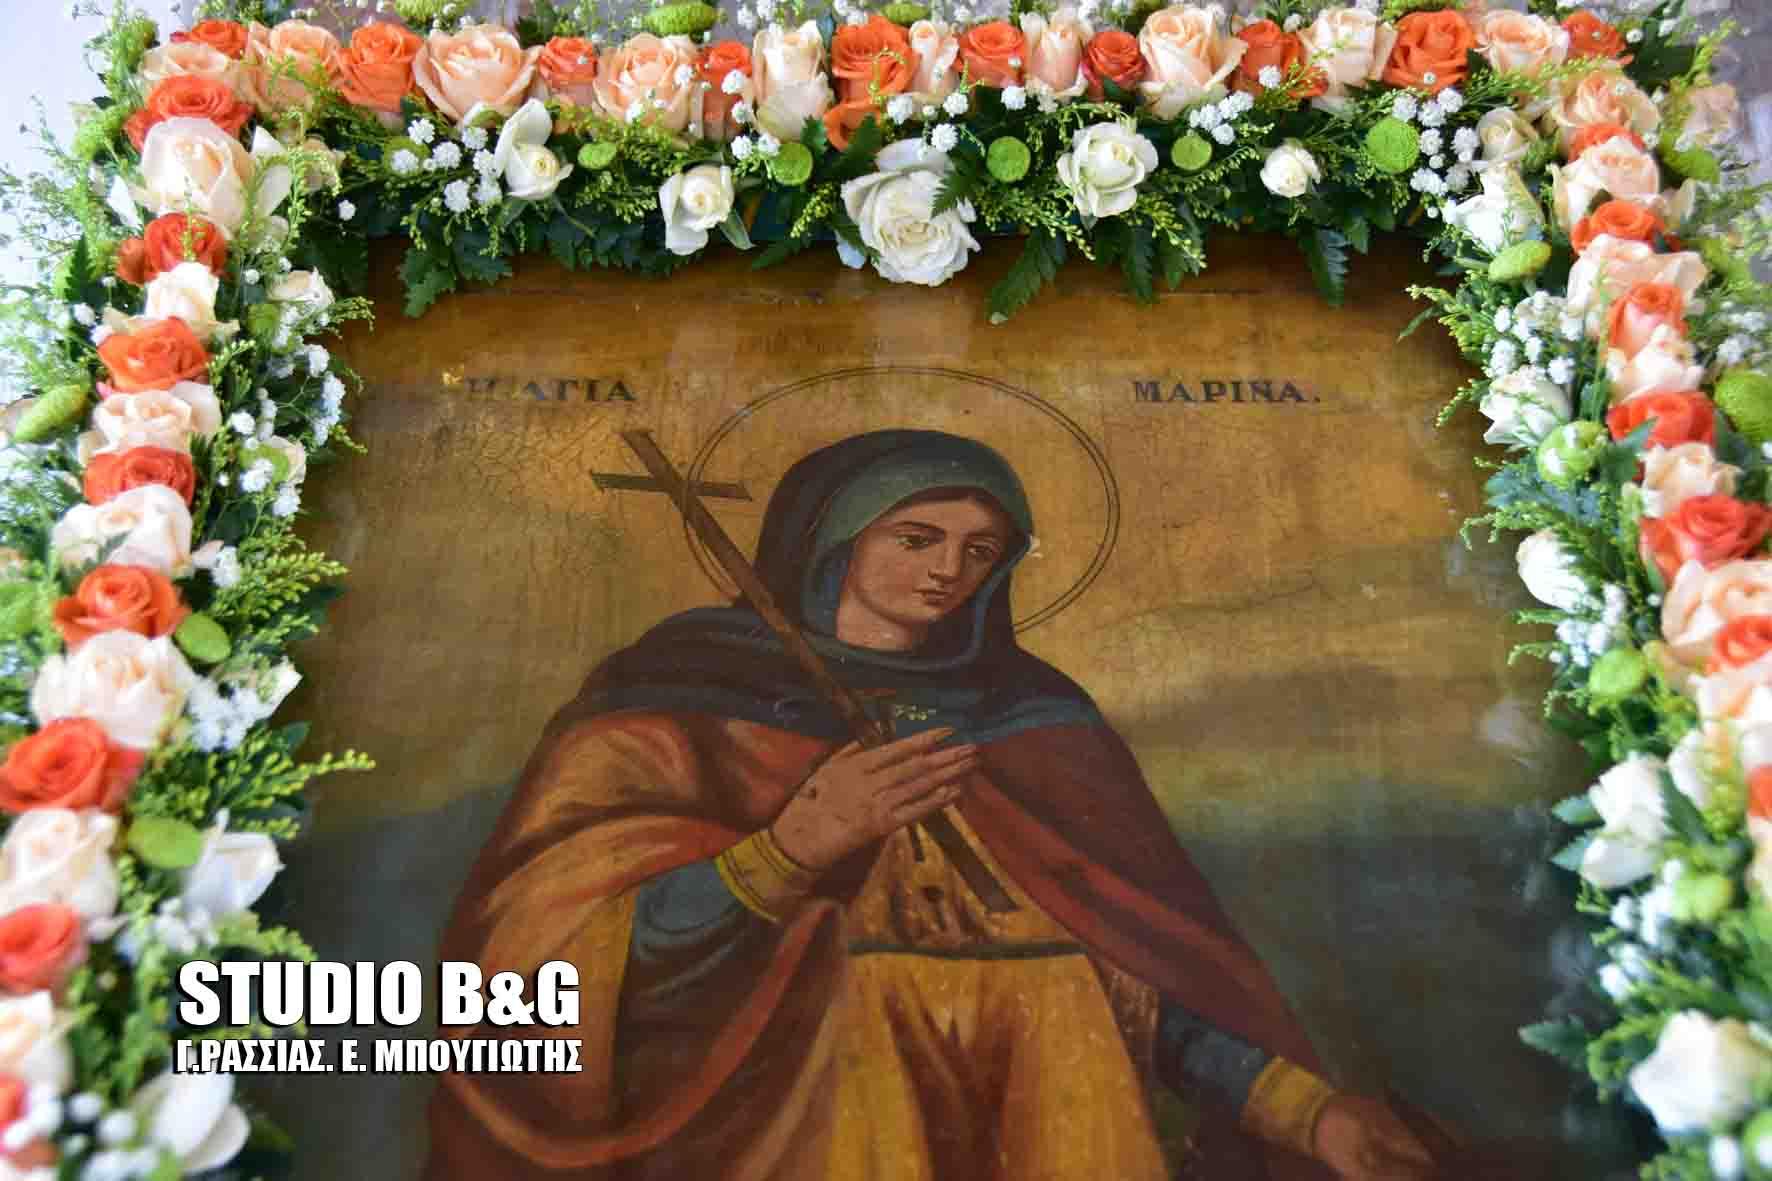 Ο Ίναχος Άργους τίμησε τη μνήμη της Αγίας Μαρίνας